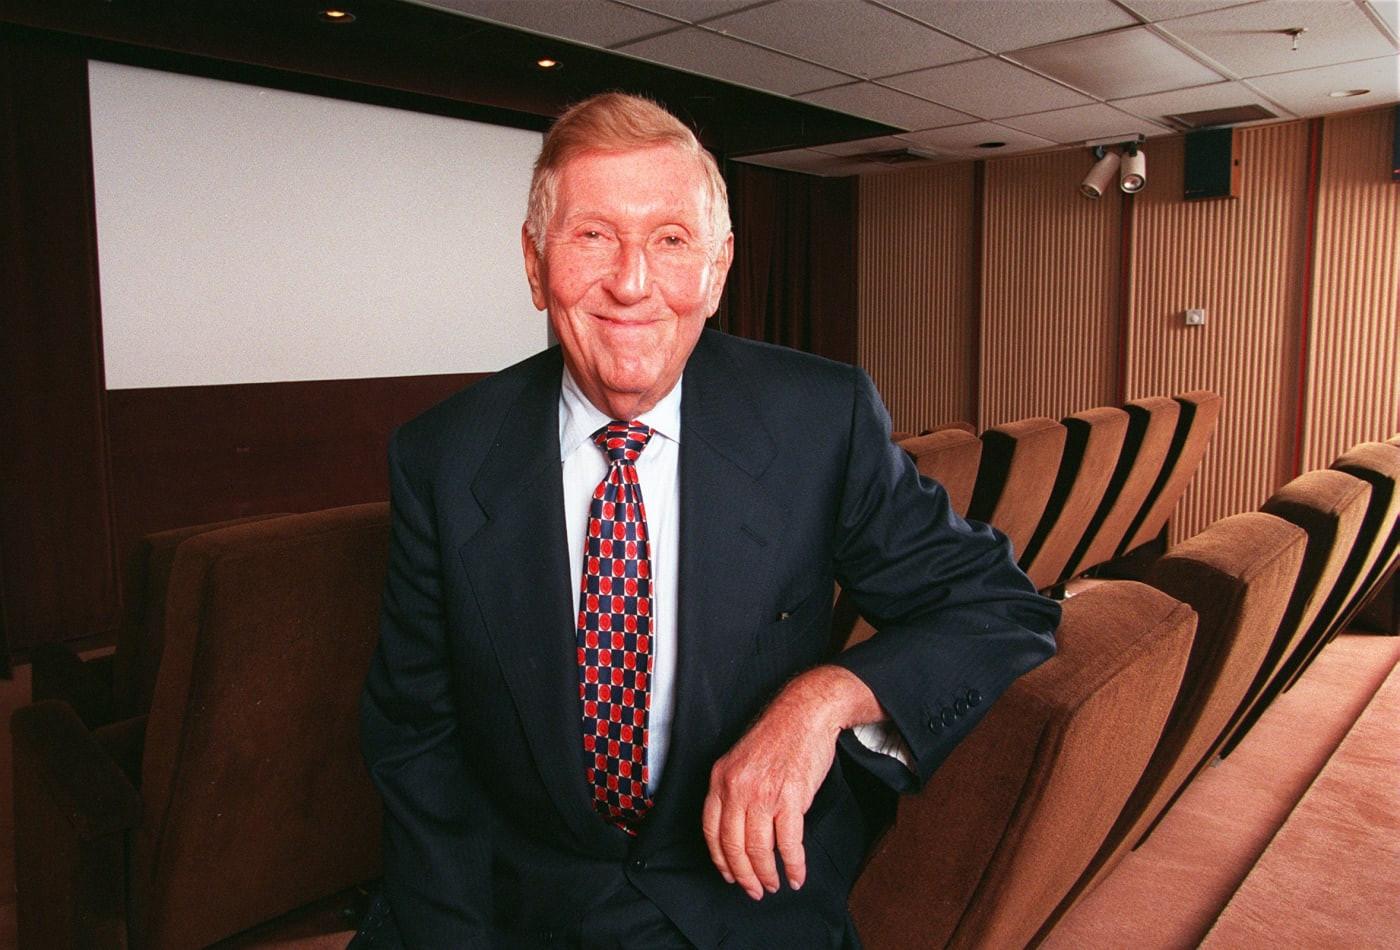 Viacom and CBS mogul, Sumner Redstone dies aged 97 lindaikejisblog 1